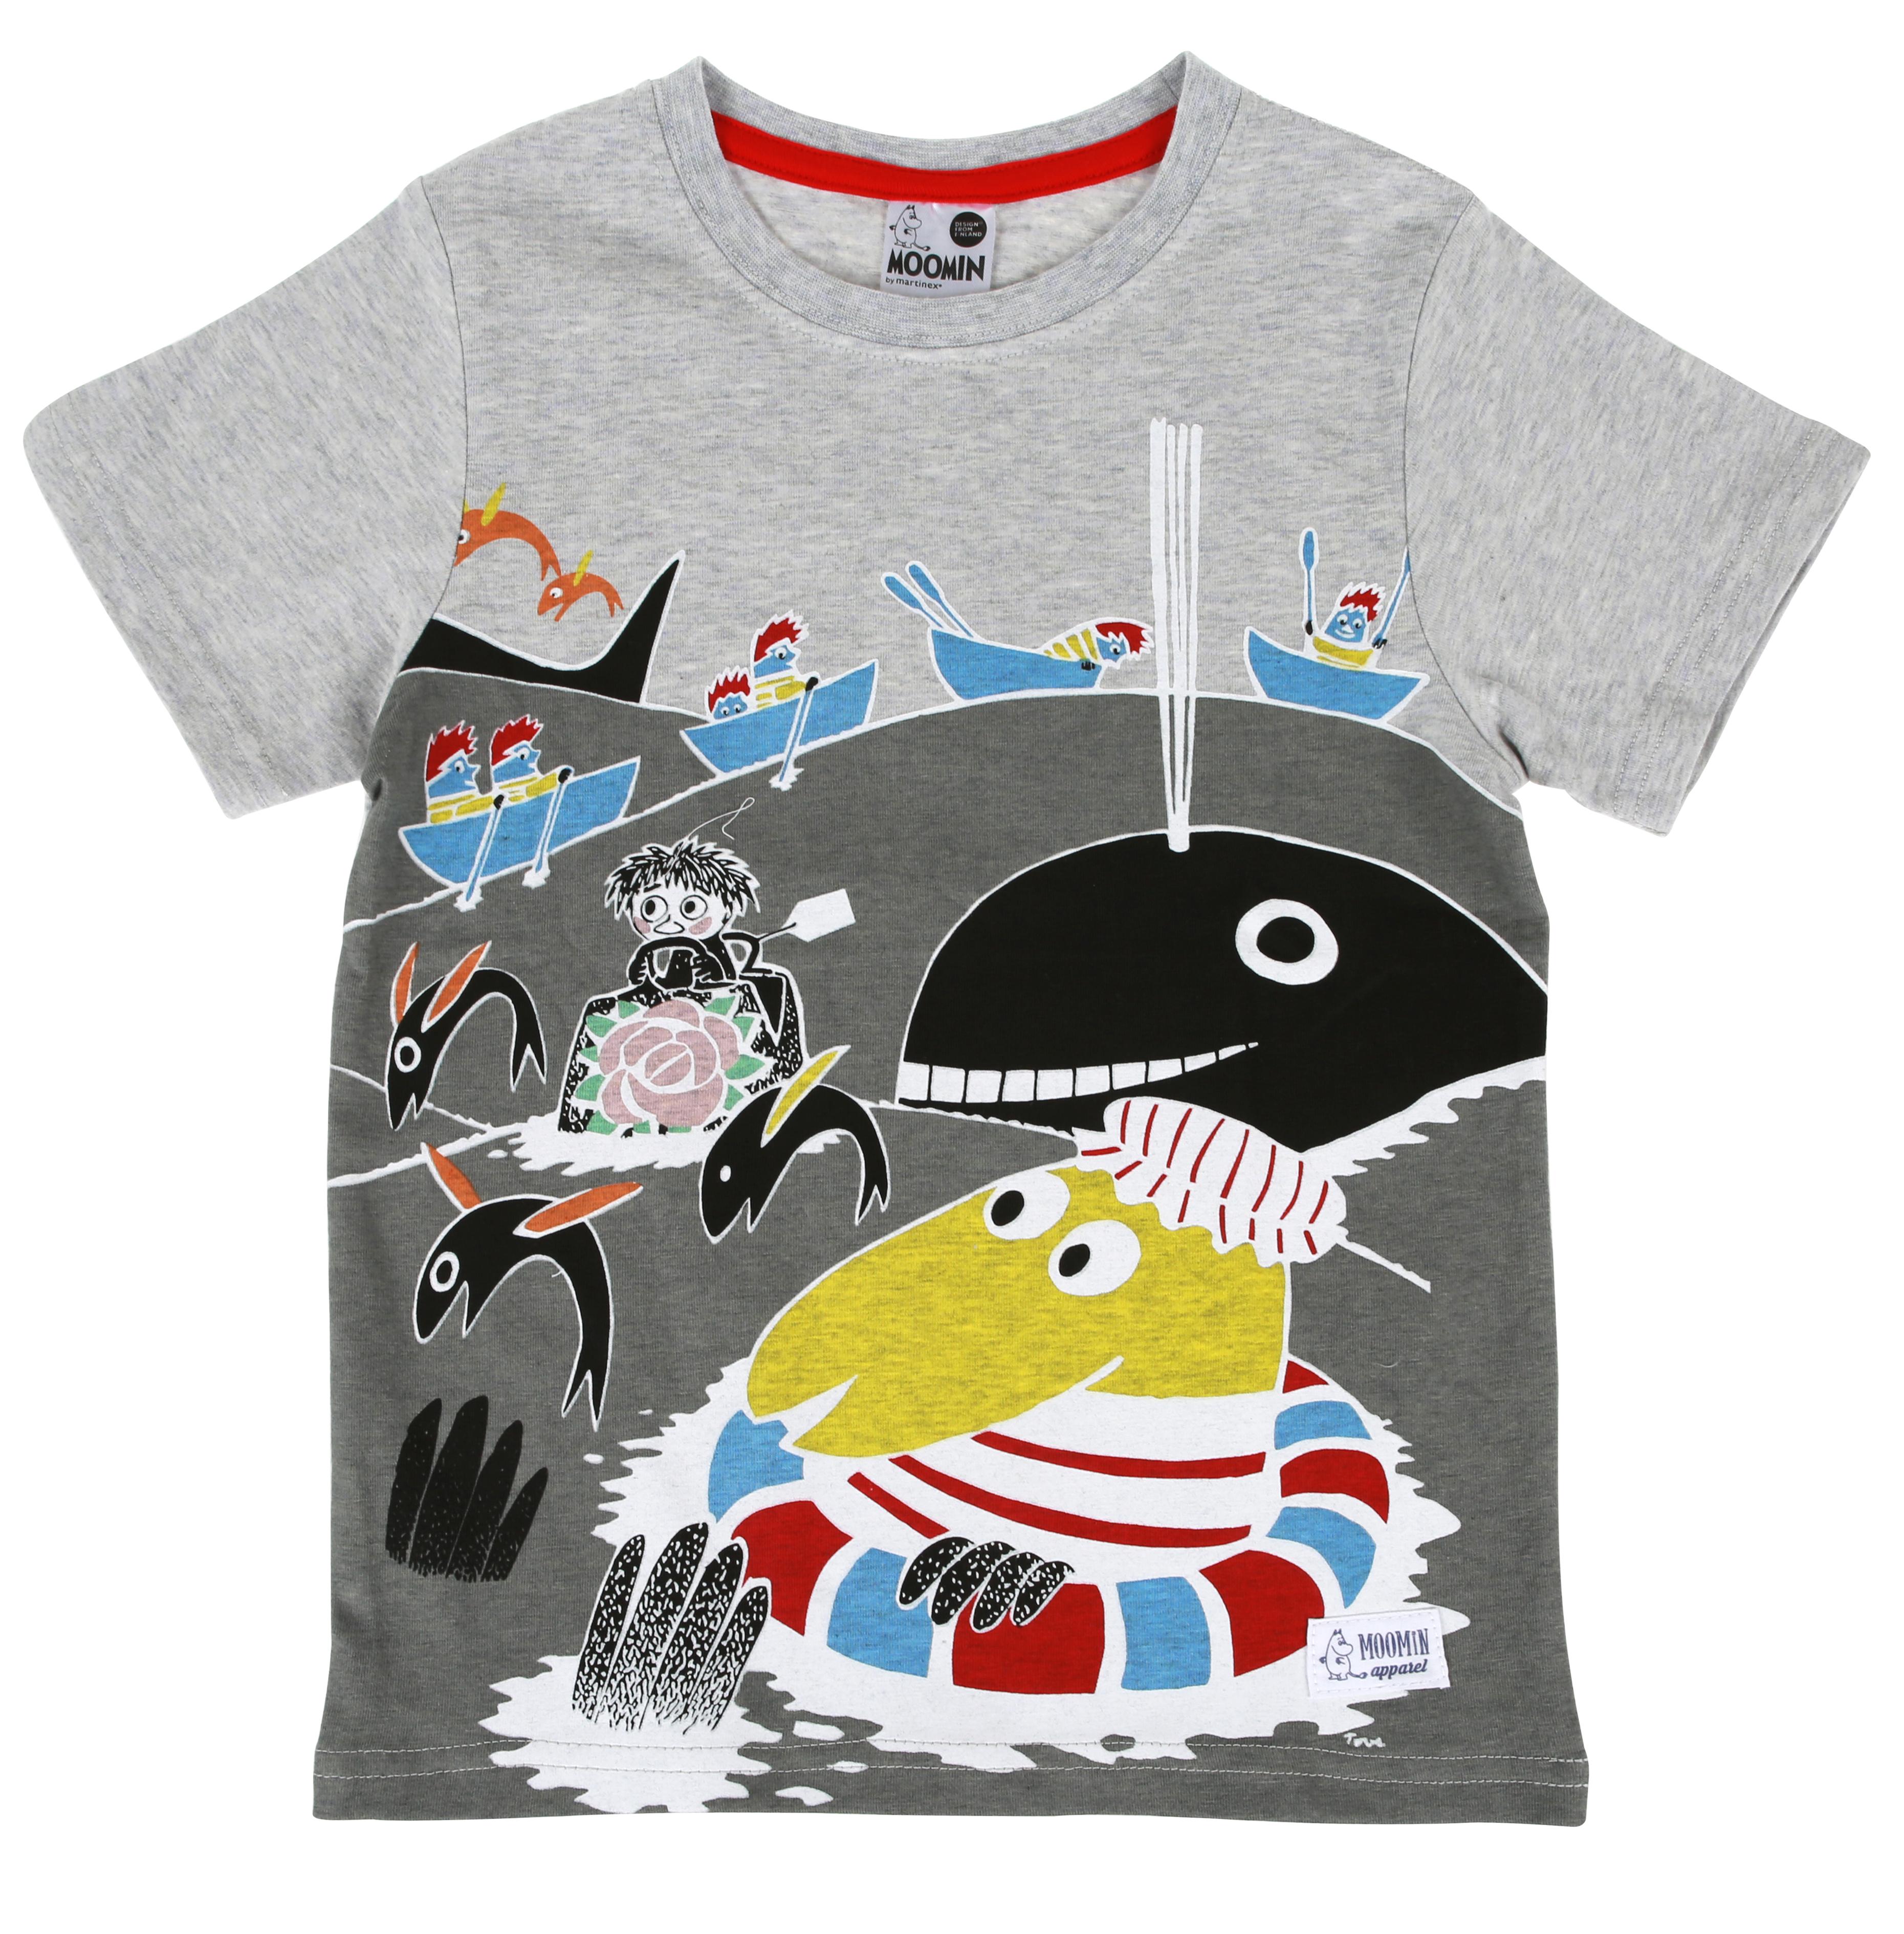 Martinex Moomin WATERPLAY T-SHIRT